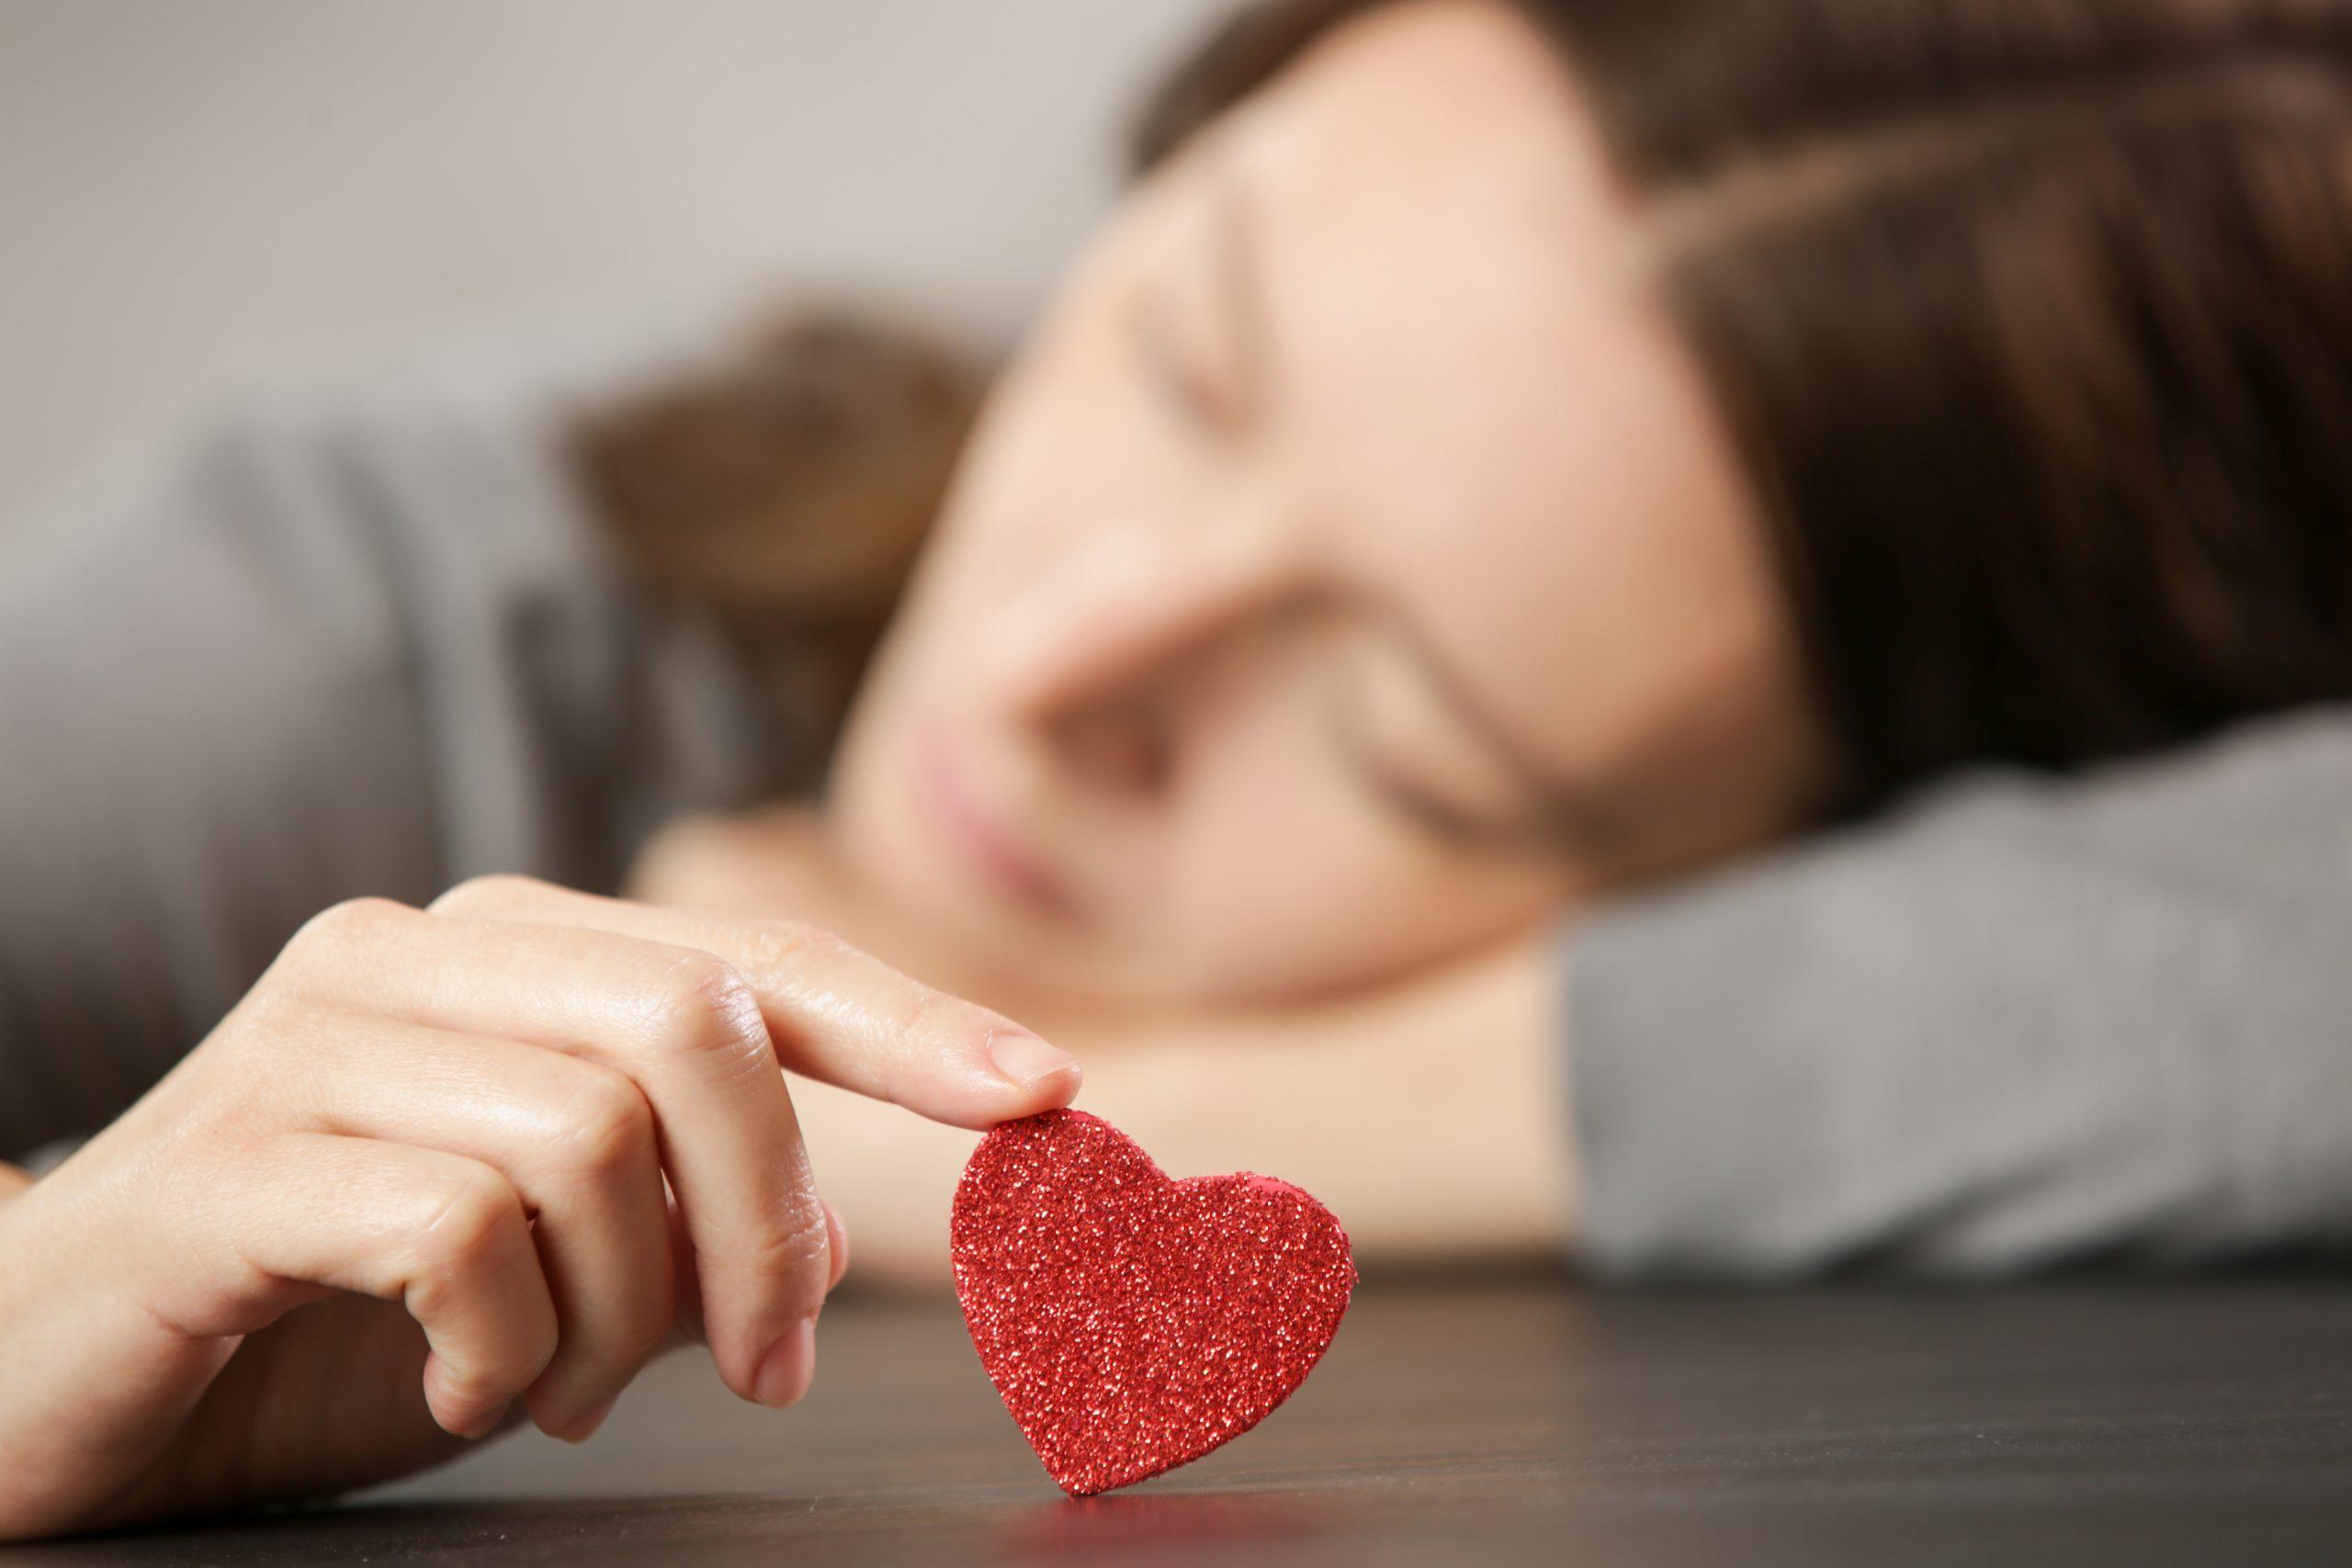 恋愛占い|『あの人、私のこと好き?』2人が付き合える可能性は…〇%